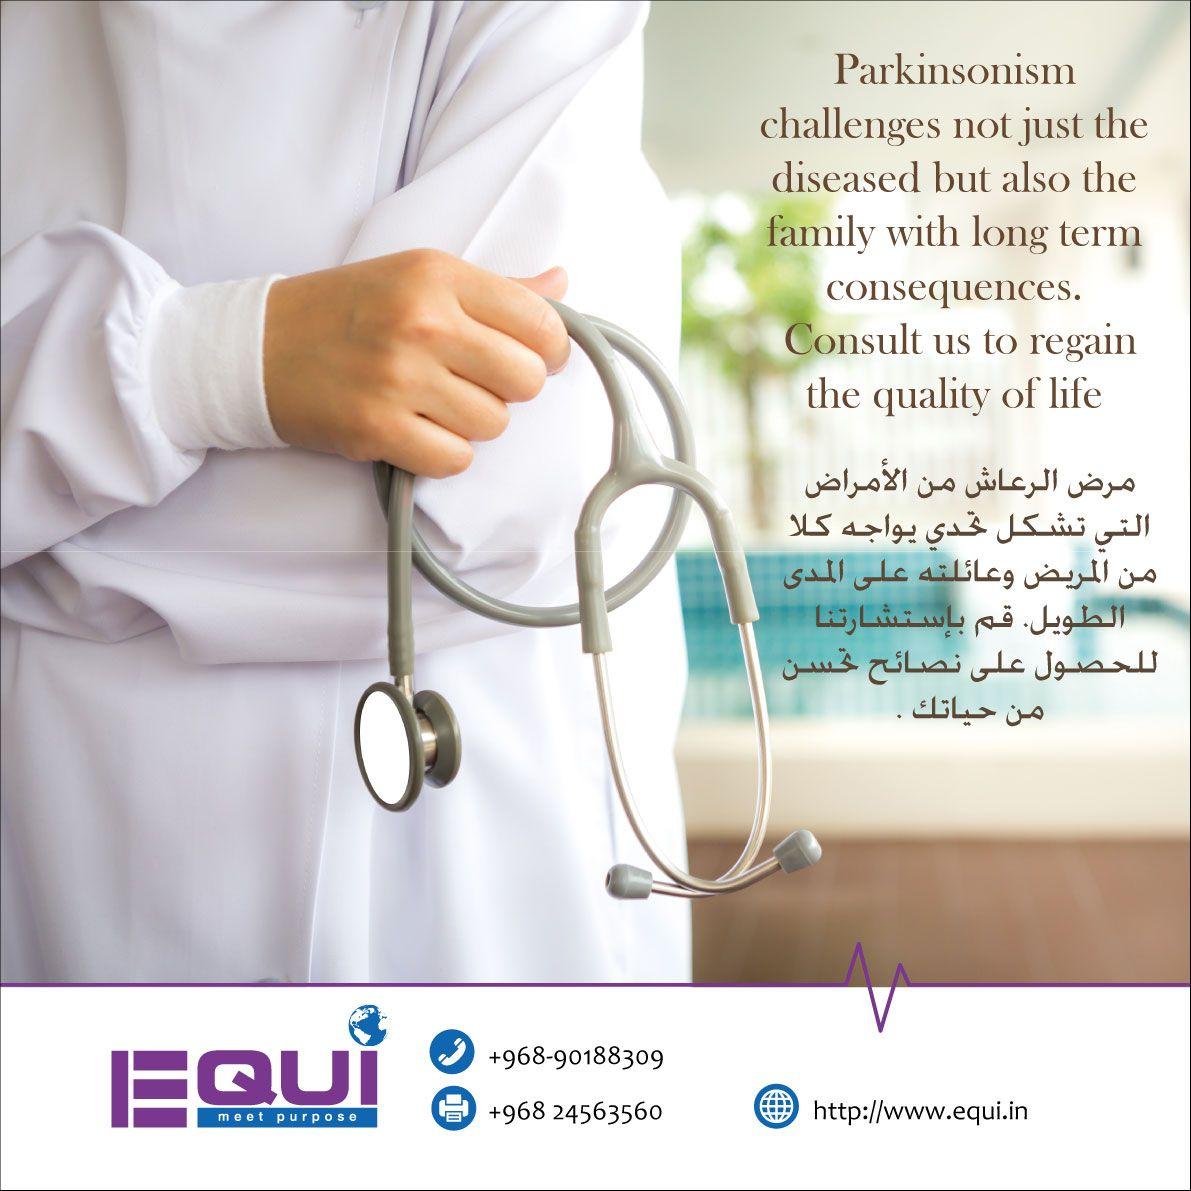 مرض الرعاش من الأمراض التي تشكل تحدي يواجه كلا من المريض